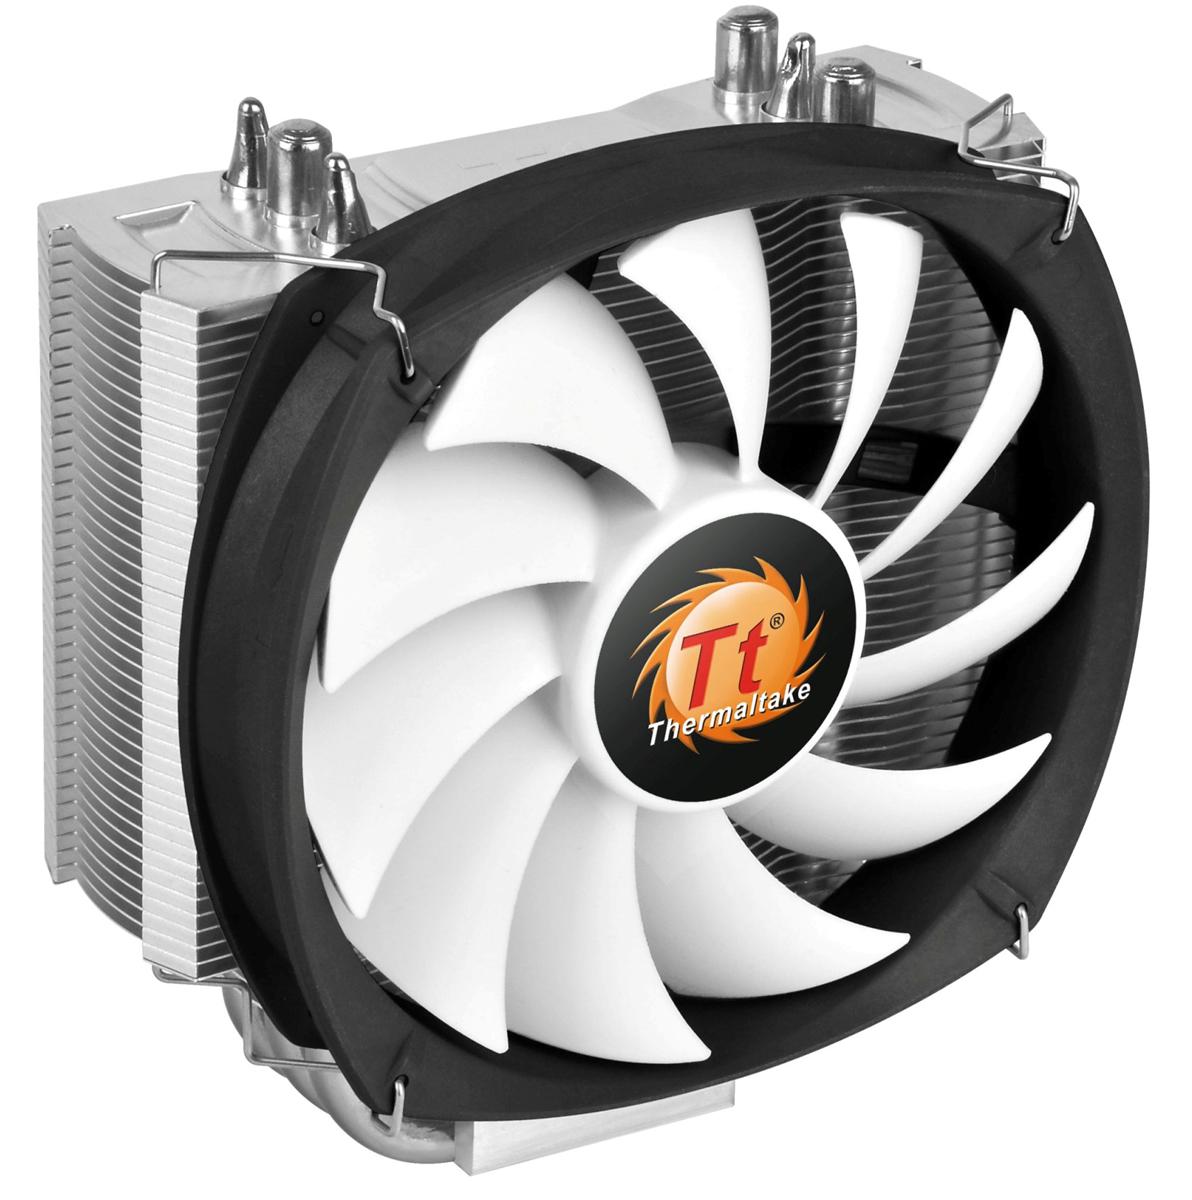 Thermaltake Frio Silent 12 система охлаждения для процессораCL-P001-AL12BL-BFrio Silent 12 - это новинка от Thermaltake из серии кулеров Frio Silent. Новинка унаследовала башенный дизайн с узкими пластинами радиатора. Это позволяет добиться большего пространства вокруг процессорного разъема для установки высокопроизводительных оверклокерских модулей оперативной памяти. Специально спроектированный 120 мм охлаждающий вентилятор имеет высокую эффективность и низкий уровень шума. Frio Slient 12 решает проблему установки модулей оперативной памяти с высокими радиаторами, помогая при этом еще и улучшить качество их охлаждения. Специальные охлаждающие пластины радиатора толщиной 0,4 мм не только стильно выглядят, но и позволяют быстро отводить тепло. 3 медные тепловые трубки диаметром по 8 мм соприкасаются с поверхностью крышки процессора по технологии прямого контакта, что позволяет ускорить процесс охлаждения. Уникальный 120 мм ШИМ вентилятор в низким уровнем шума и высокой эффективностью охлаждения....